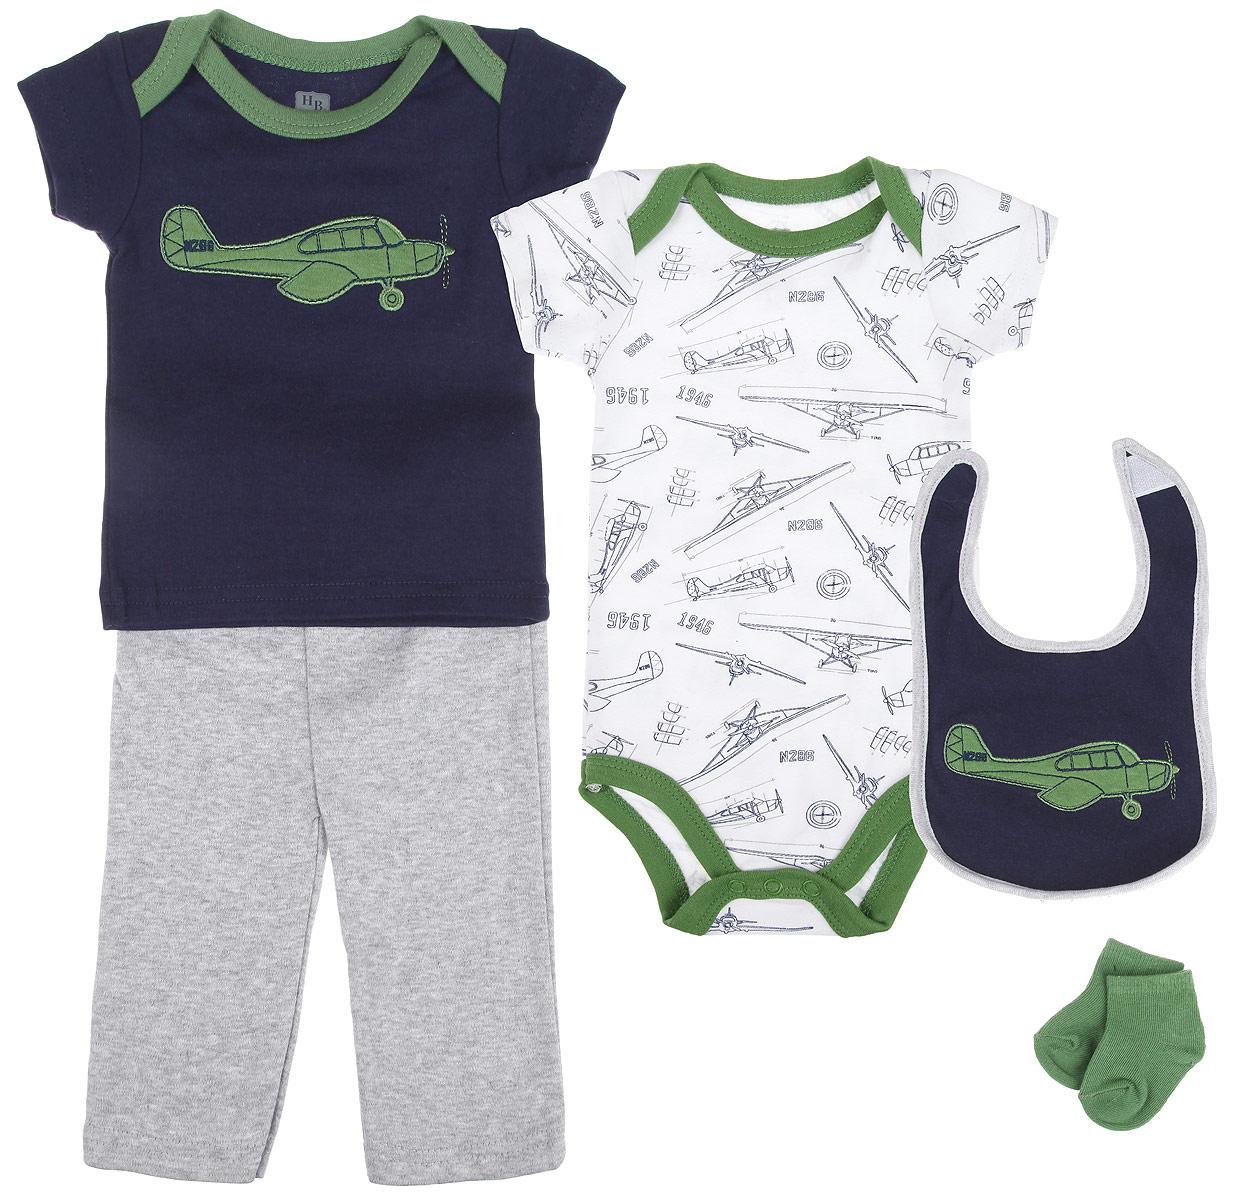 Комплект одежды58104Комплект для новорожденного Hudson Baby Аэроплан - это замечательный подарок, который прекрасно подойдет для первых дней жизни малыша. Комплект состоит из боди, футболки, штанишек, нагрудника и носочков. Одежда выполнена из натурального хлопка, не сковывает движения малыша и позволяет коже дышать, не раздражает даже самую нежную и чувствительную кожу ребенка, обеспечивая ему наибольший комфорт. Носочки изготовлены из хлопка с добавлением нейлона и спандекса, нагрудник - из хлопка и полиэстера. Удобное боди с круглым вырезом горловины и короткими рукавами имеет специальные запахи на плечах и кнопки на ластовице, что значительно облегчает процесс переодевания ребенка и смену подгузника. По всей поверхности изделие украшено оригинальным принтом. Футболка с круглым вырезом горловины и короткими рукавами также имеет запахи на плечах. Спереди модель дополнена нашивкой с изображением самолета. Штанишки на талии имеют мягкую резинку, не сдавливают животик...